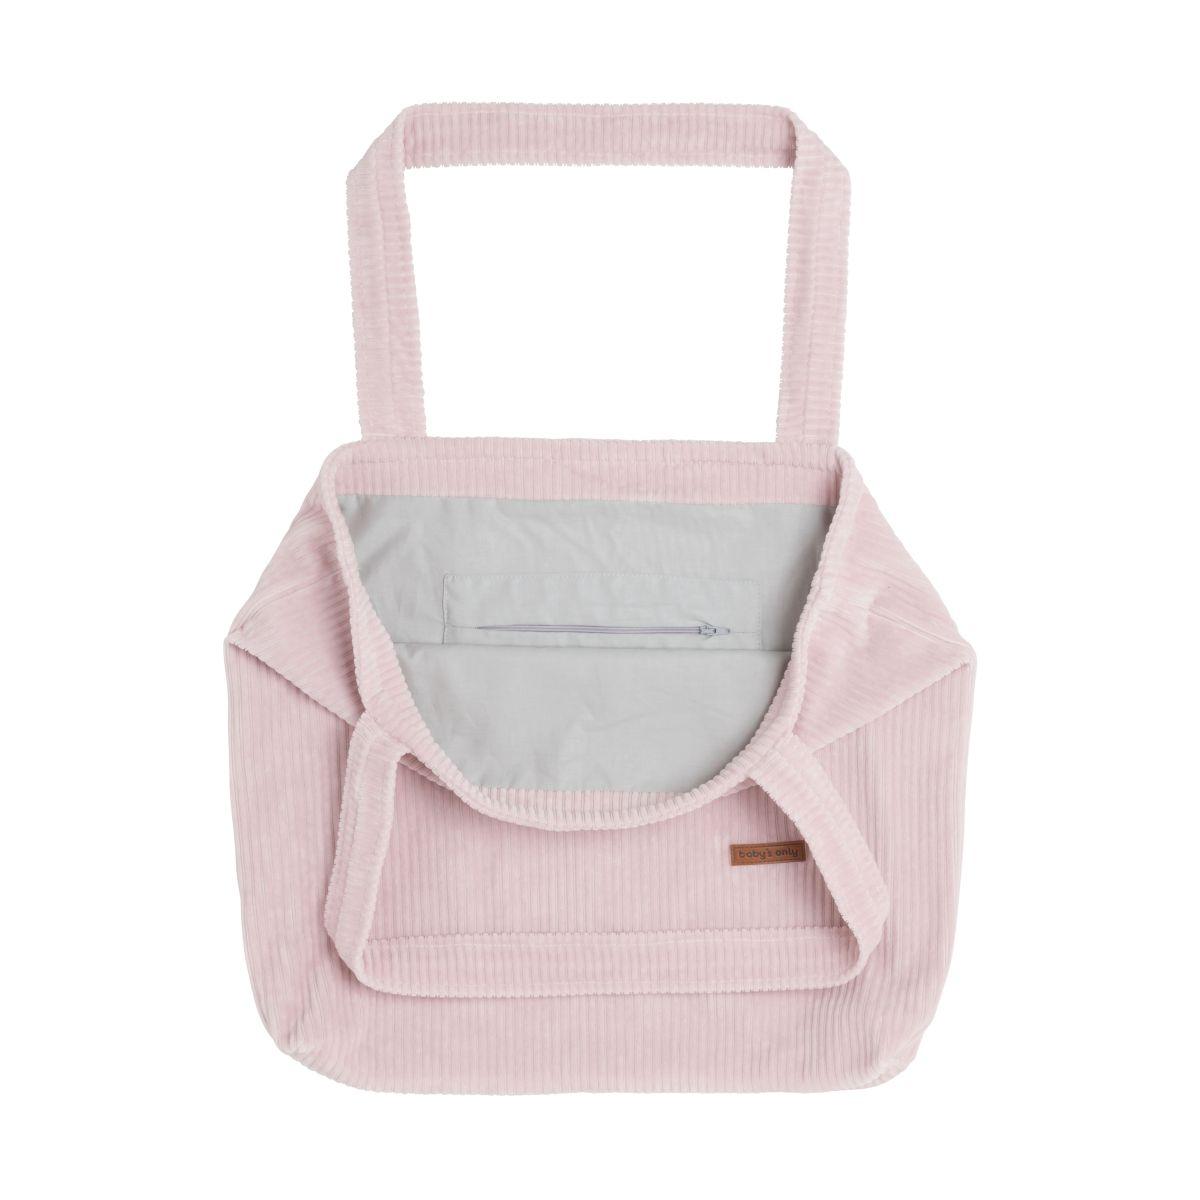 babys only bo02489000750 mom bag sense oud roze 2